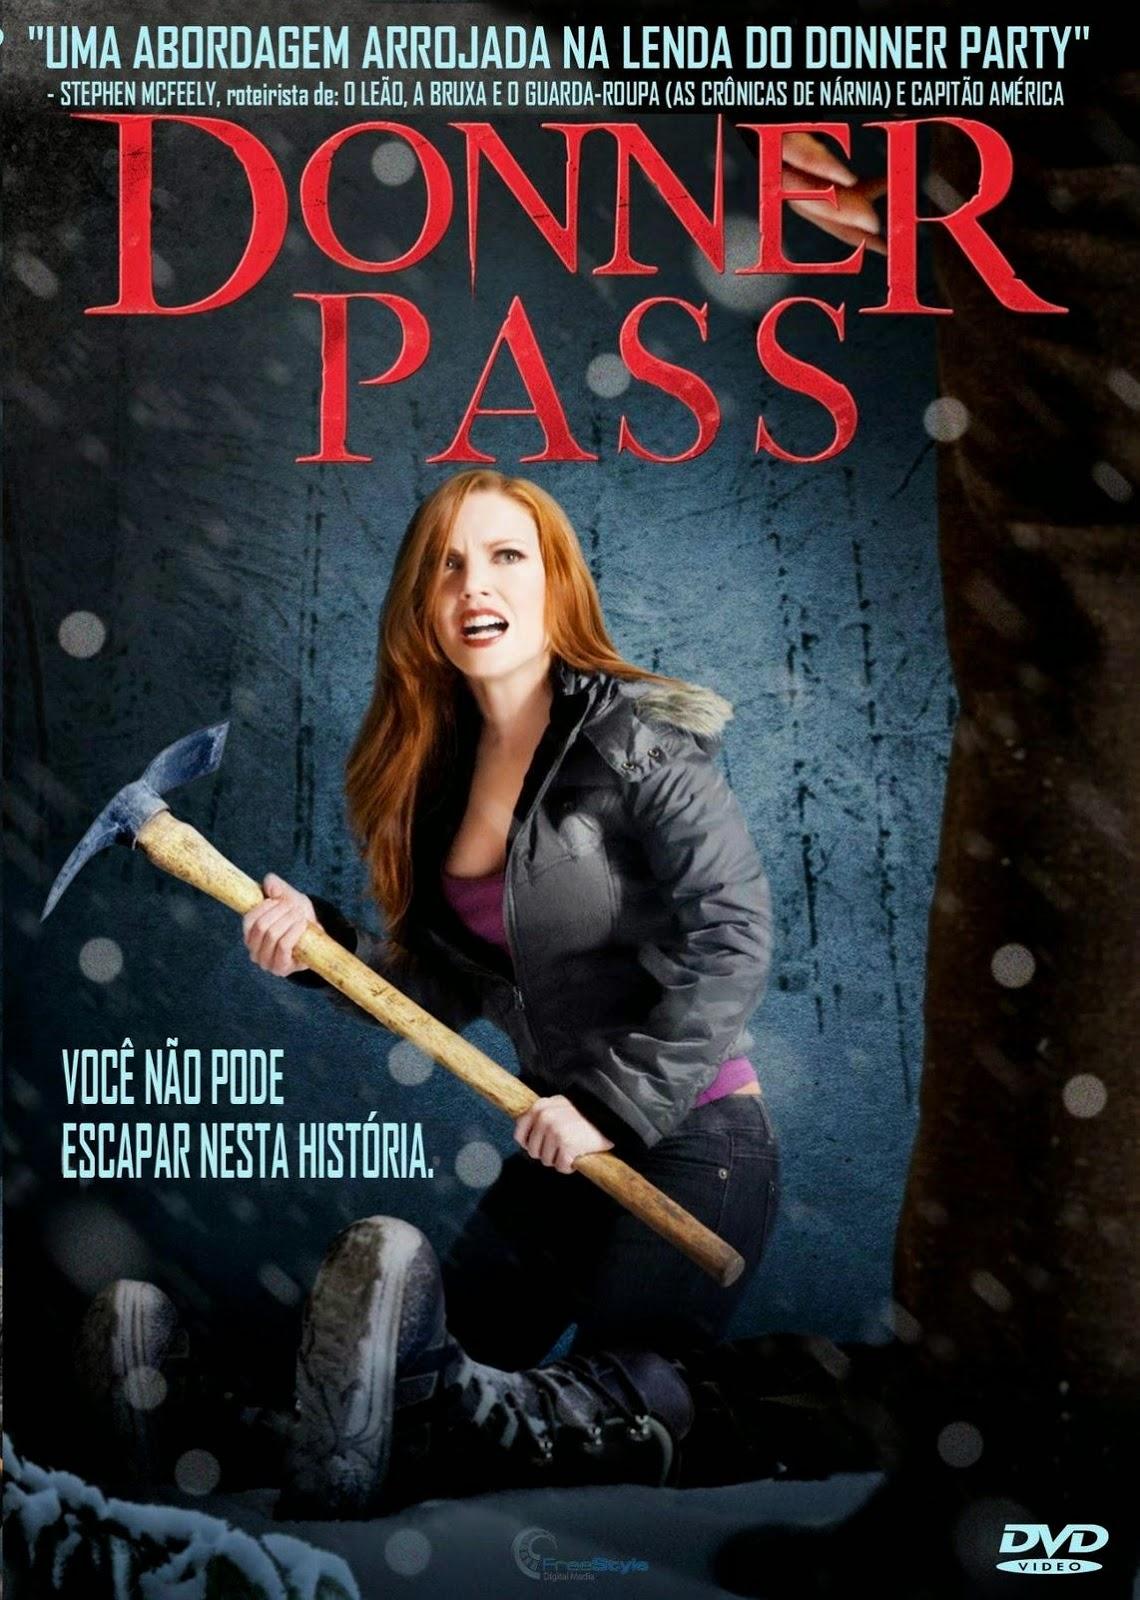 Donner Pass – Dublado (2012)